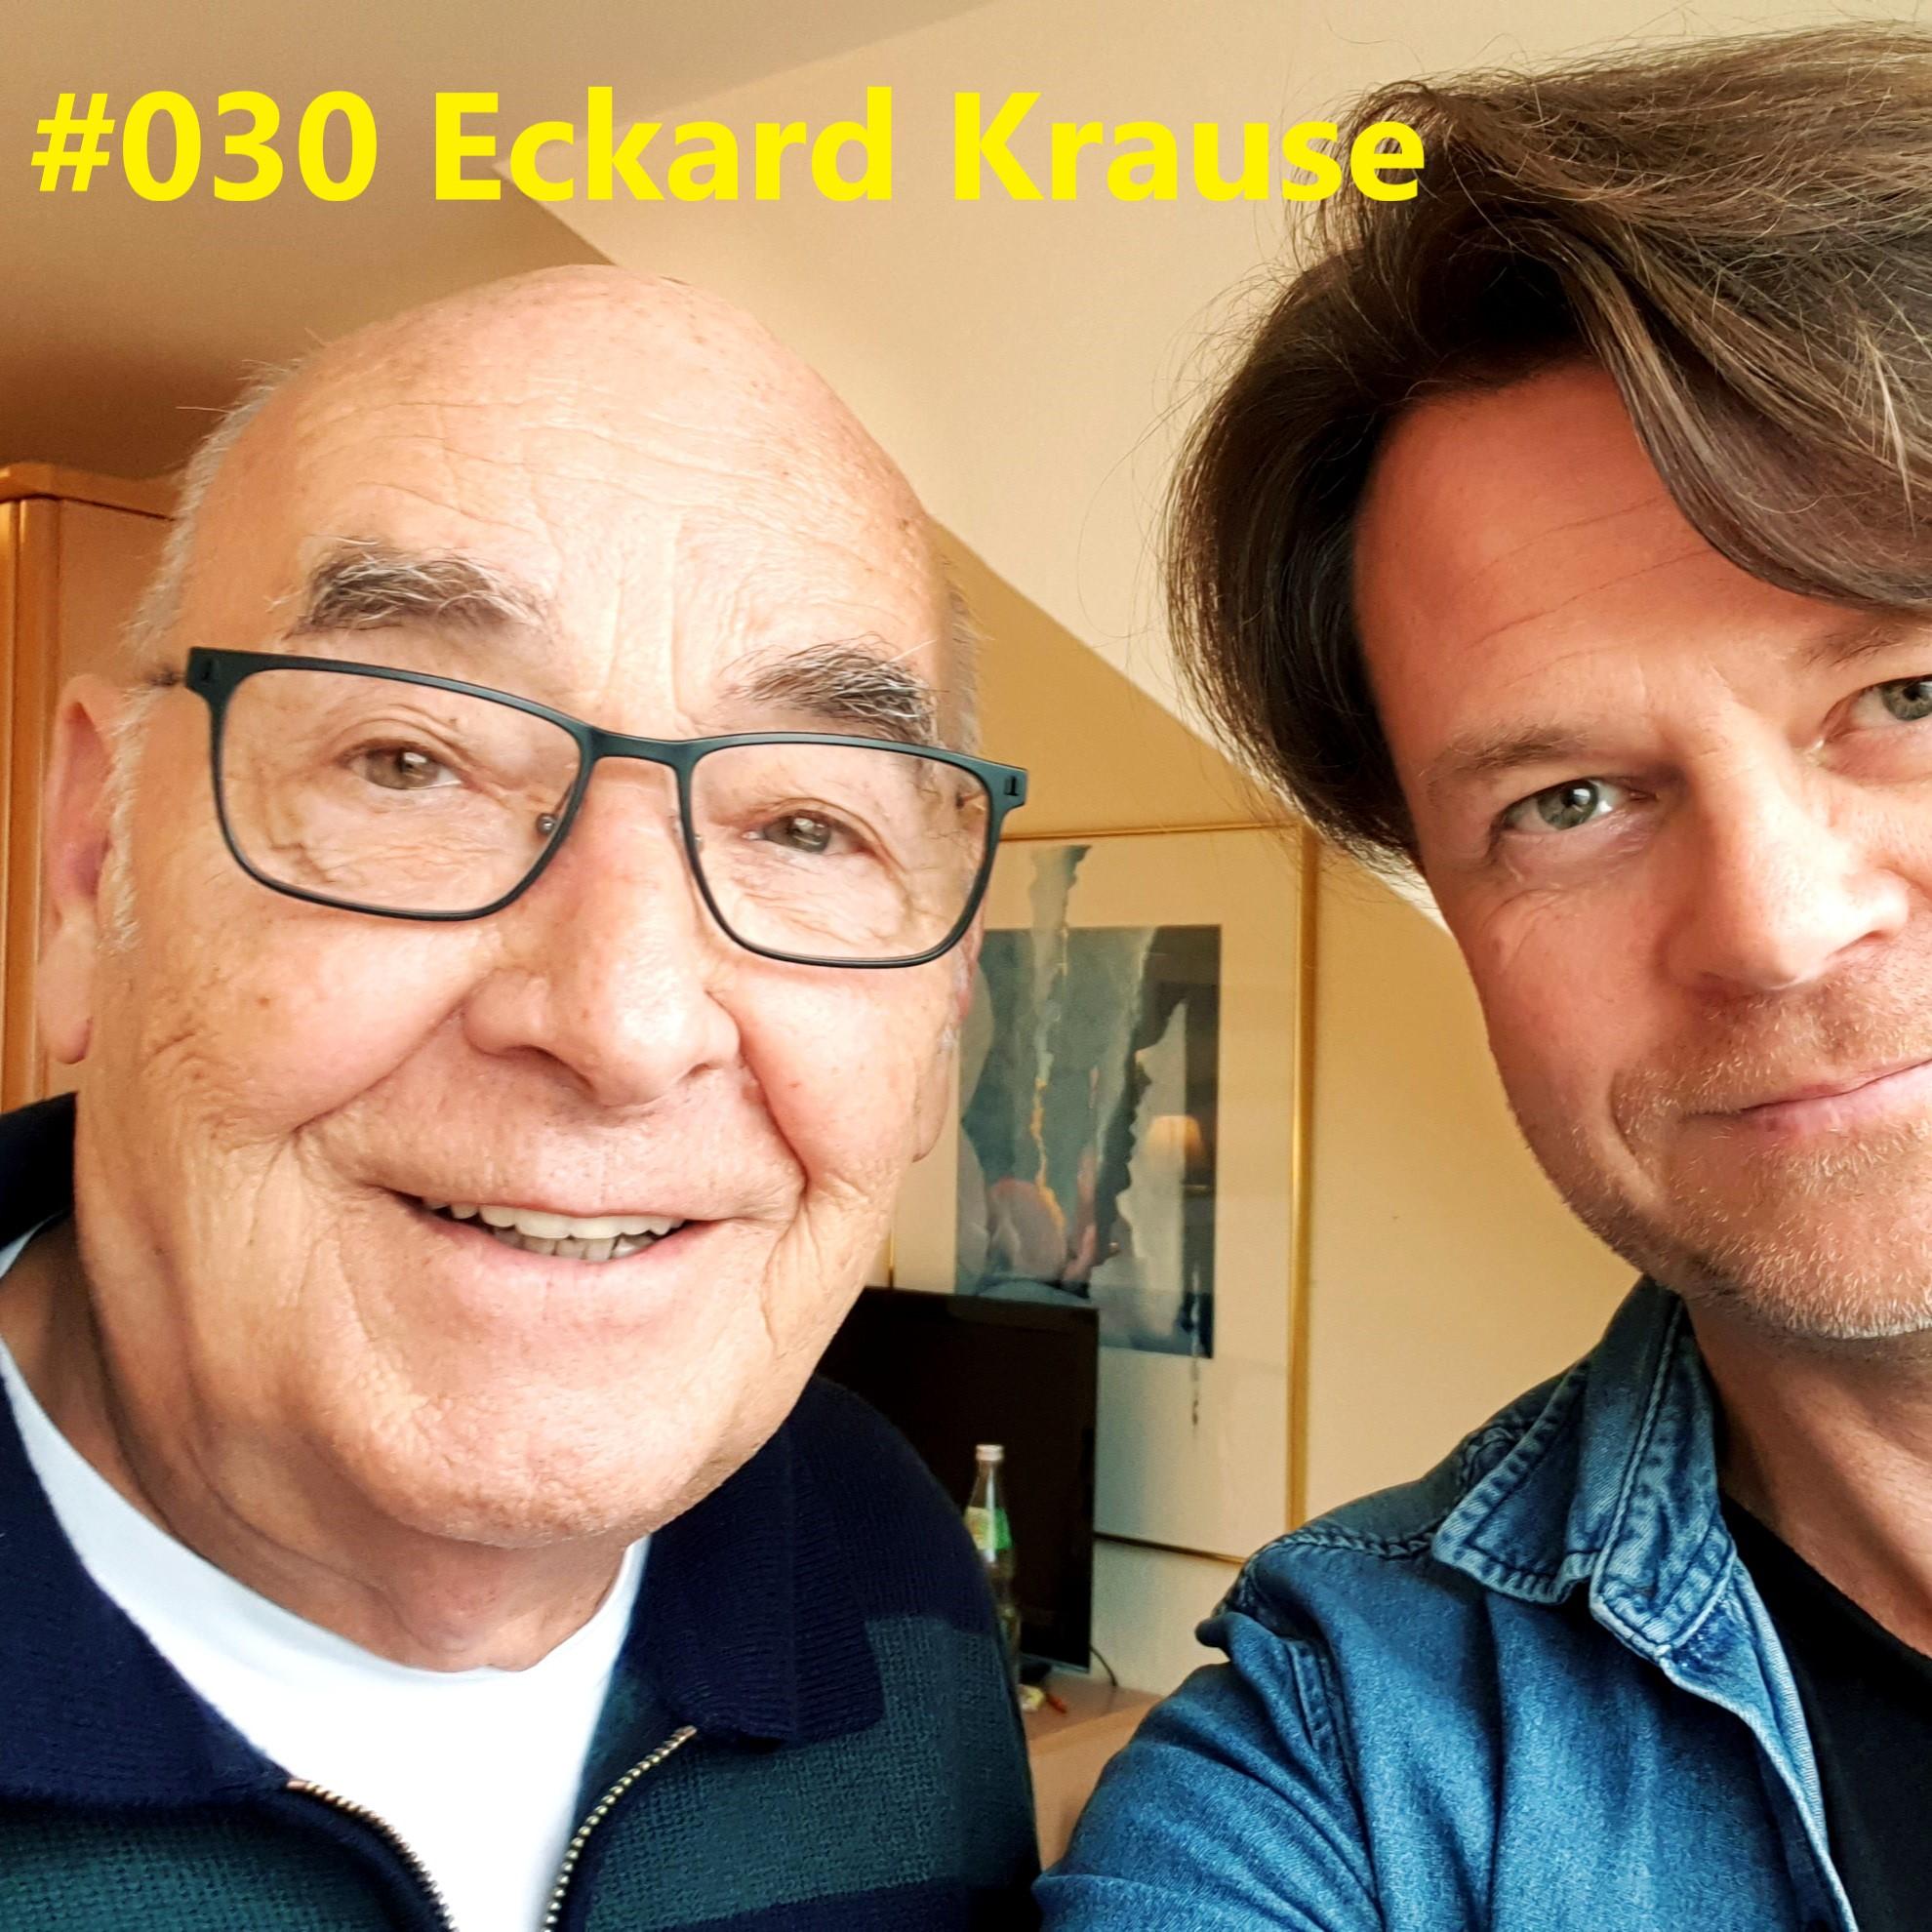 Eckard Krause